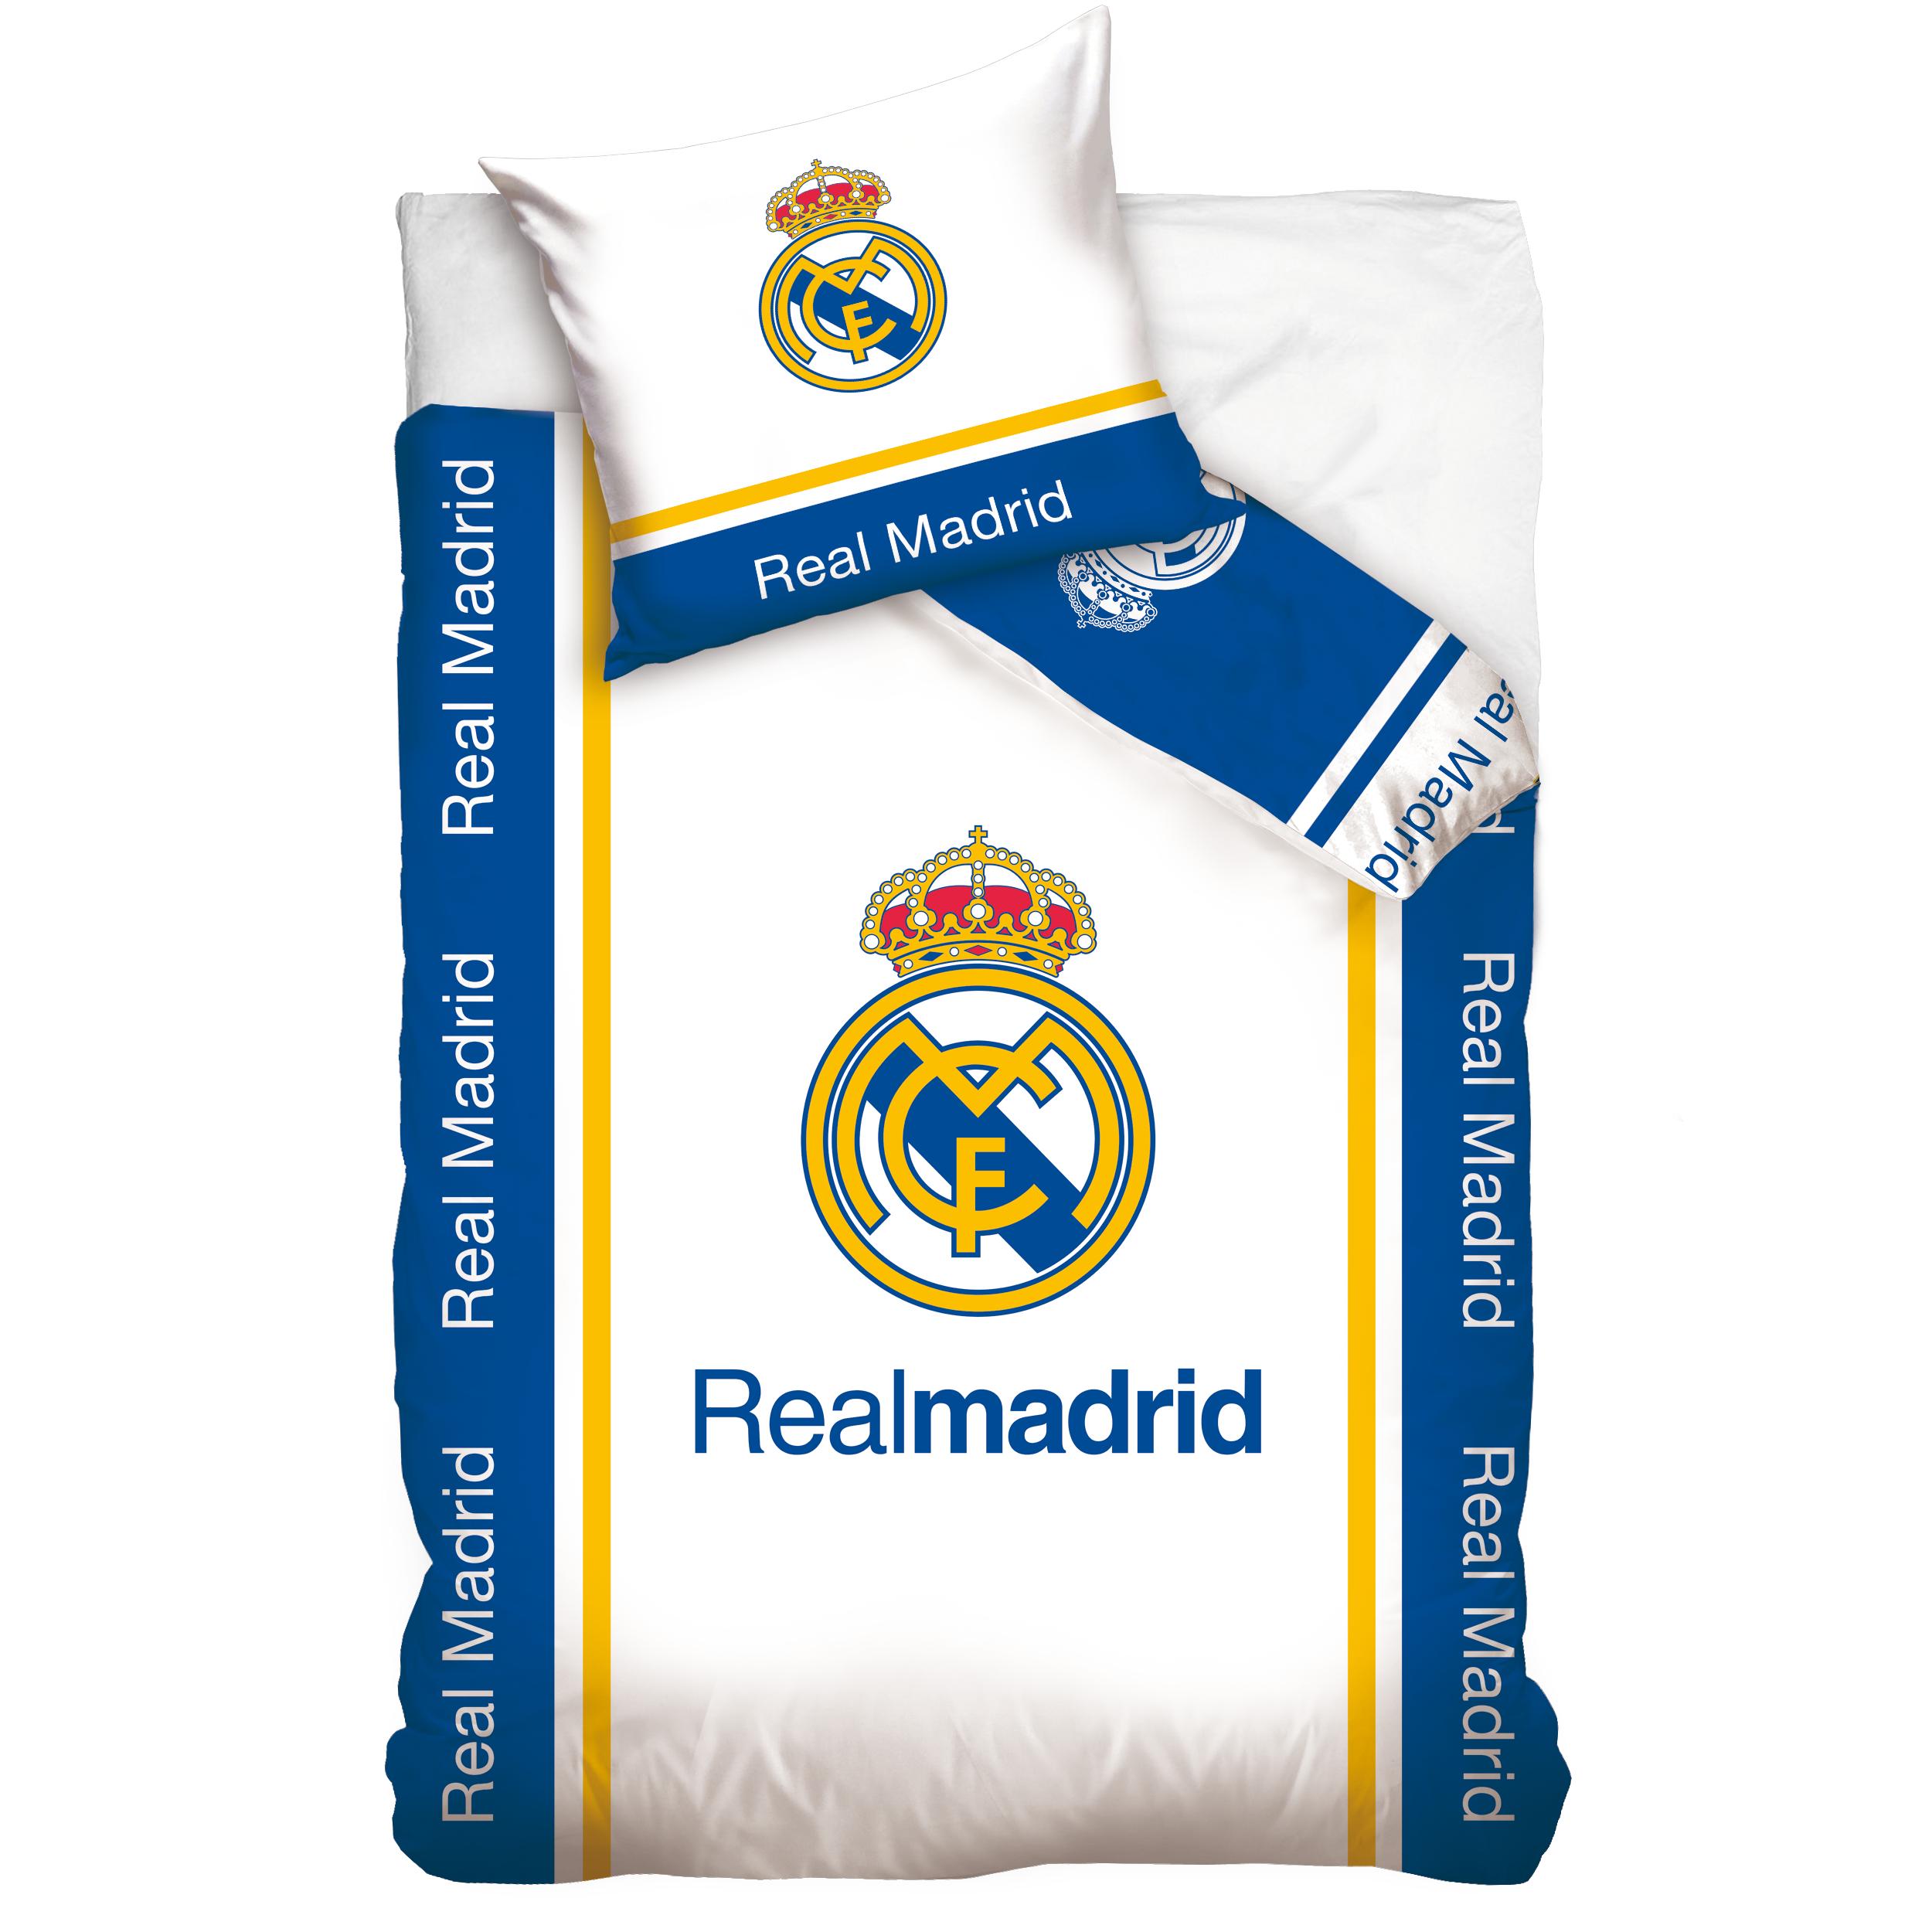 c1a1d62a8b3ae Carbotex obliečky Real Madrid bavlna 140x200 70x80 cm - FEMWEB.SK